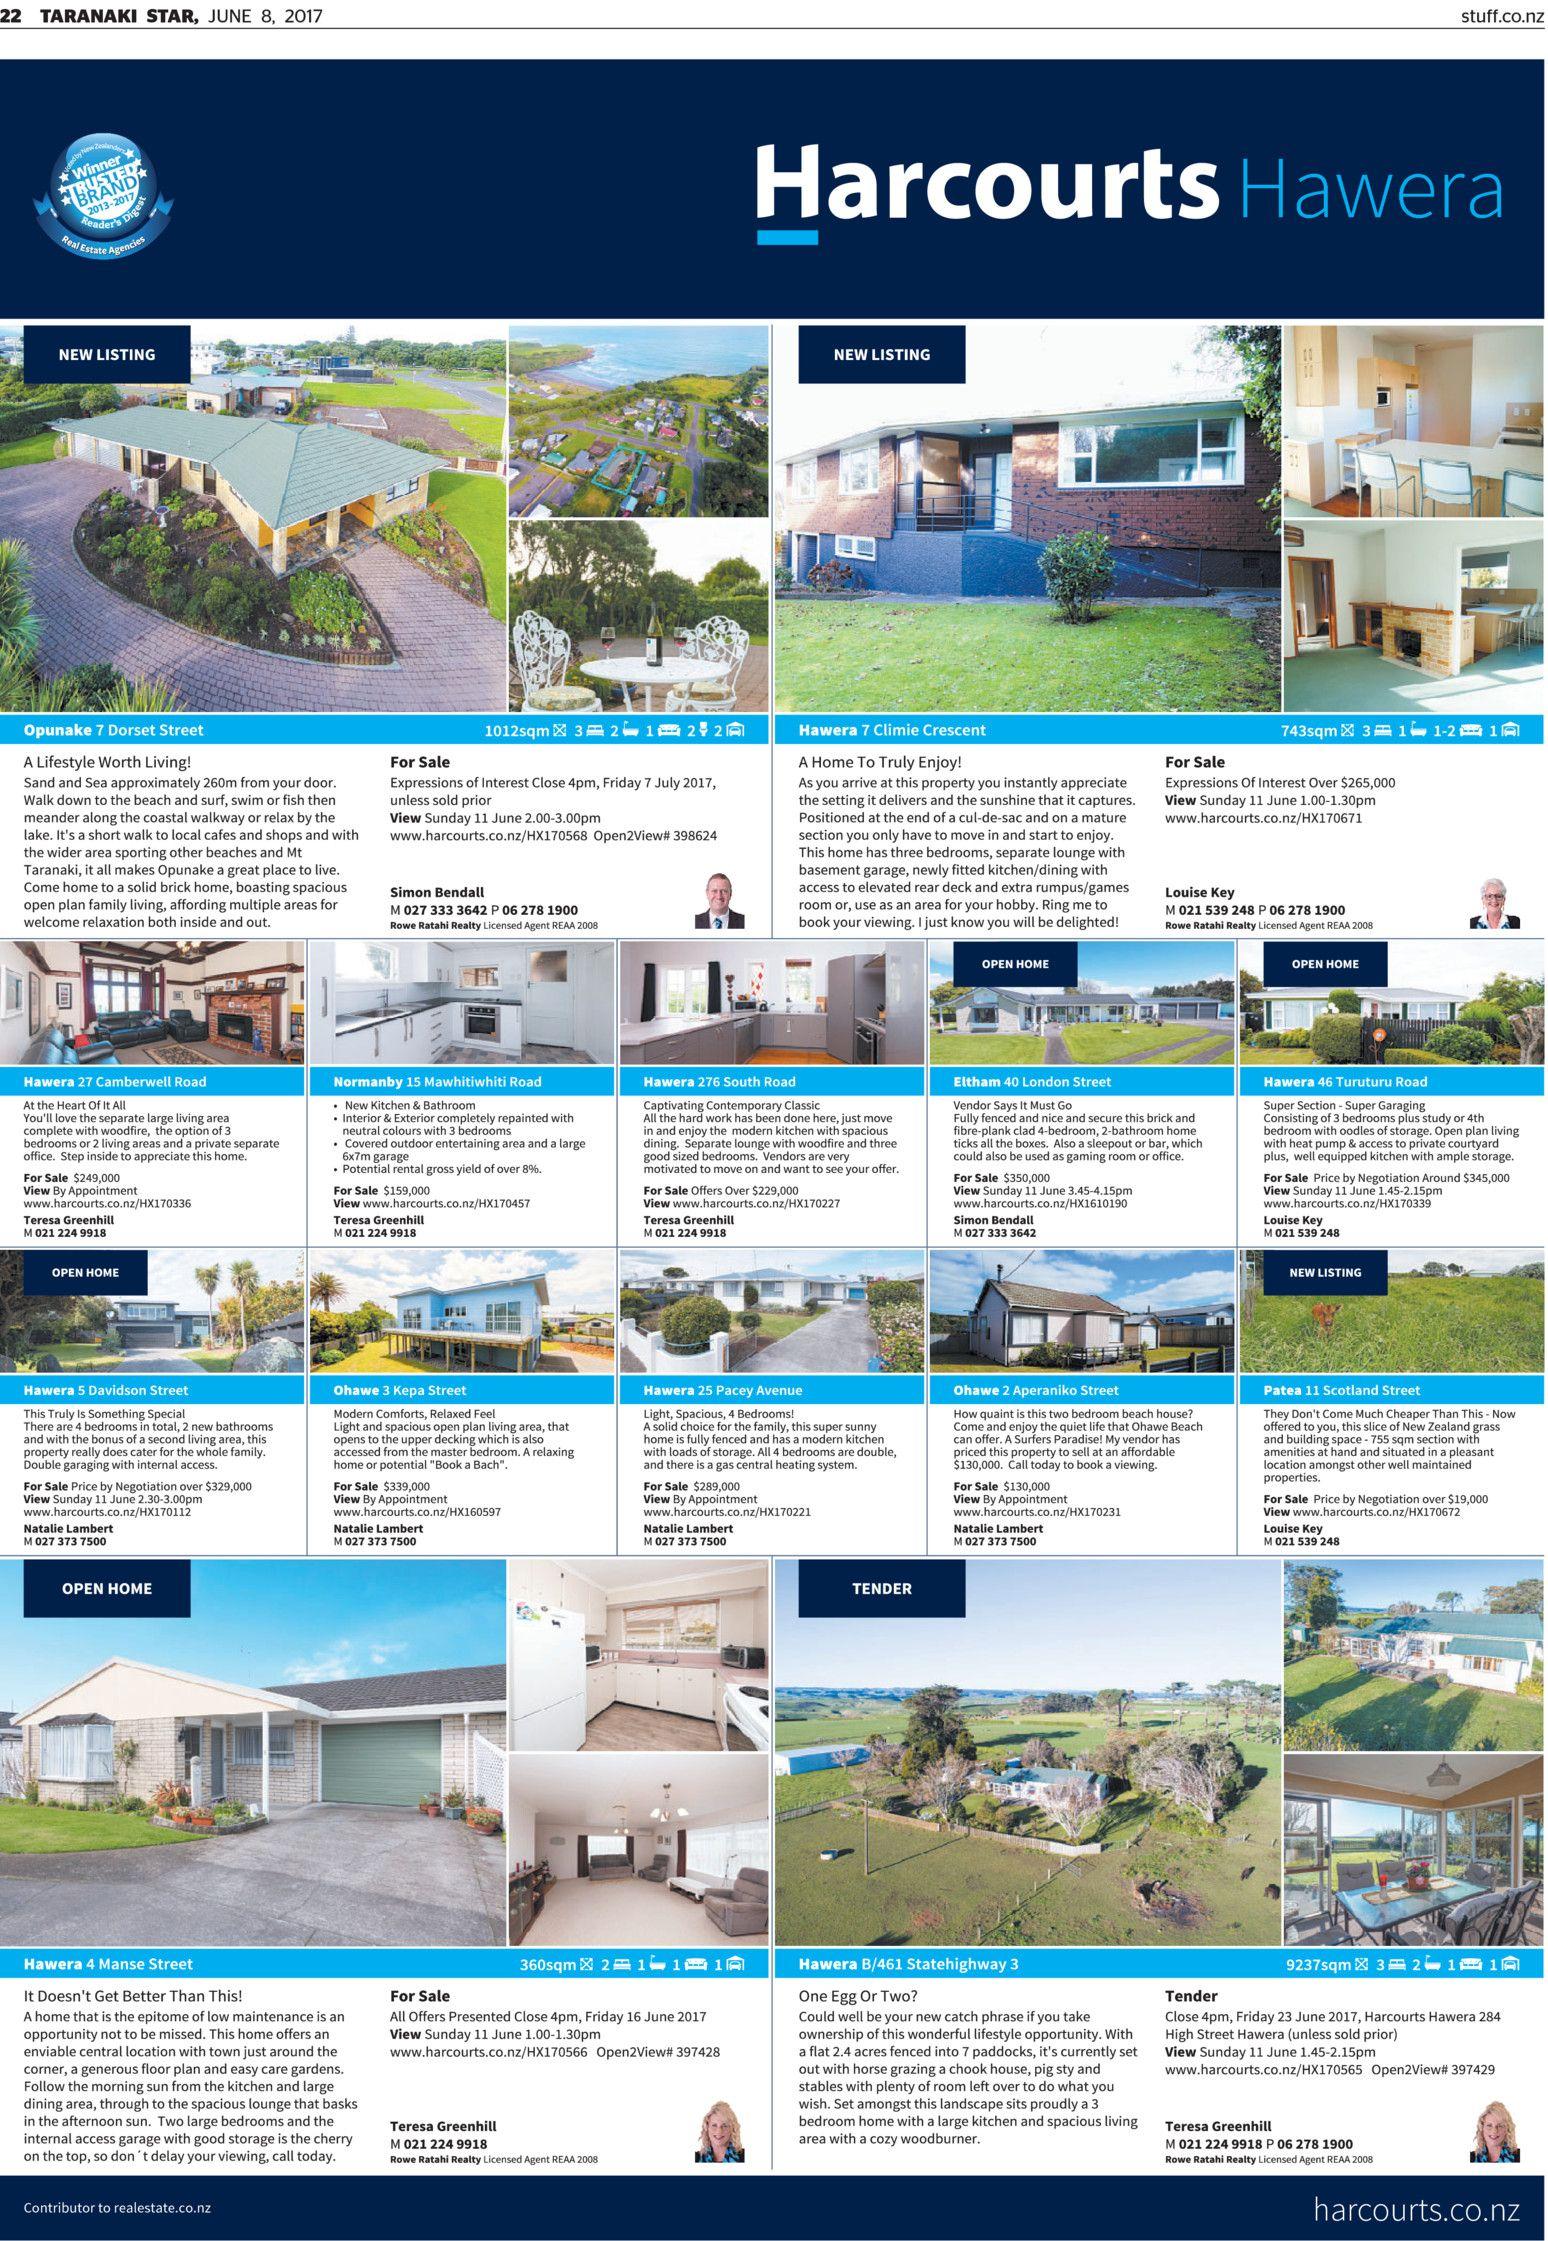 Taranaki Star - Read online on Neighbourly